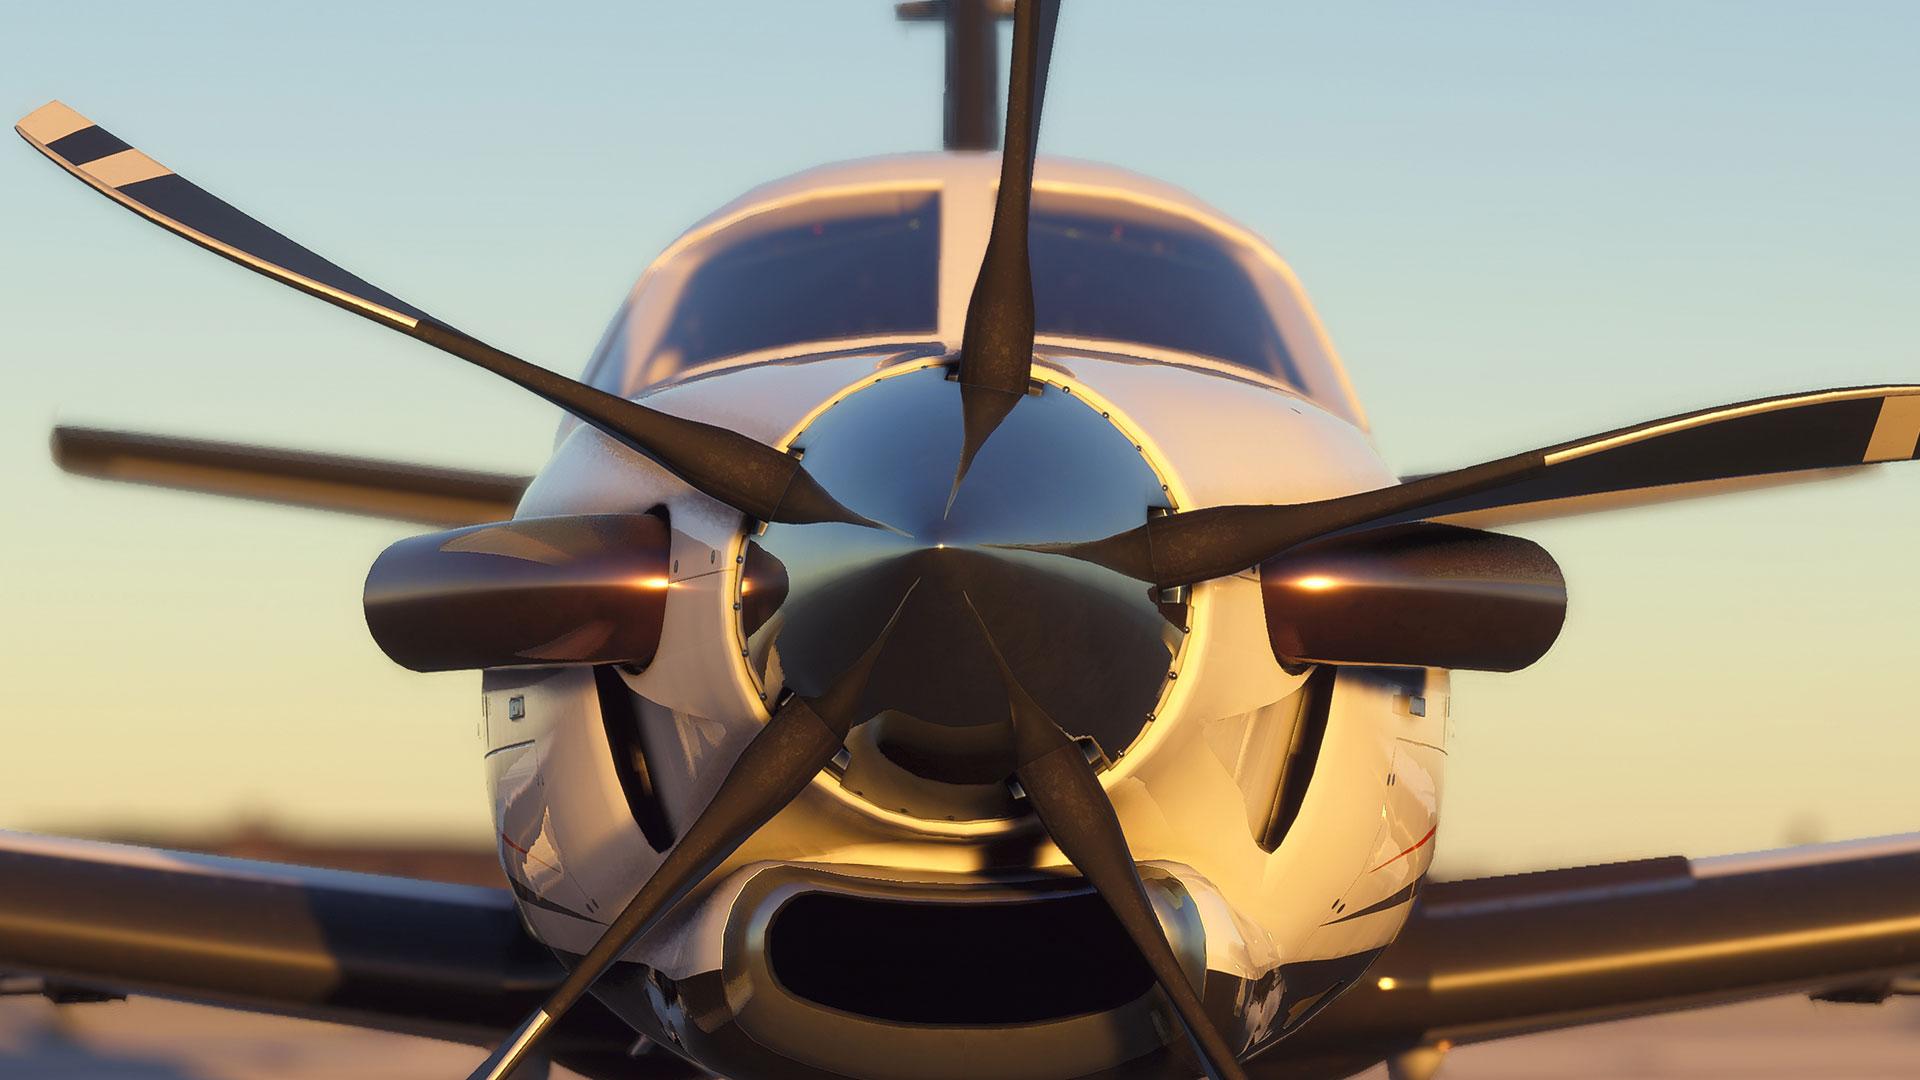 Flight Simulator 2020 Requer Pc Poderoso Para Rodar De Forma Ideal